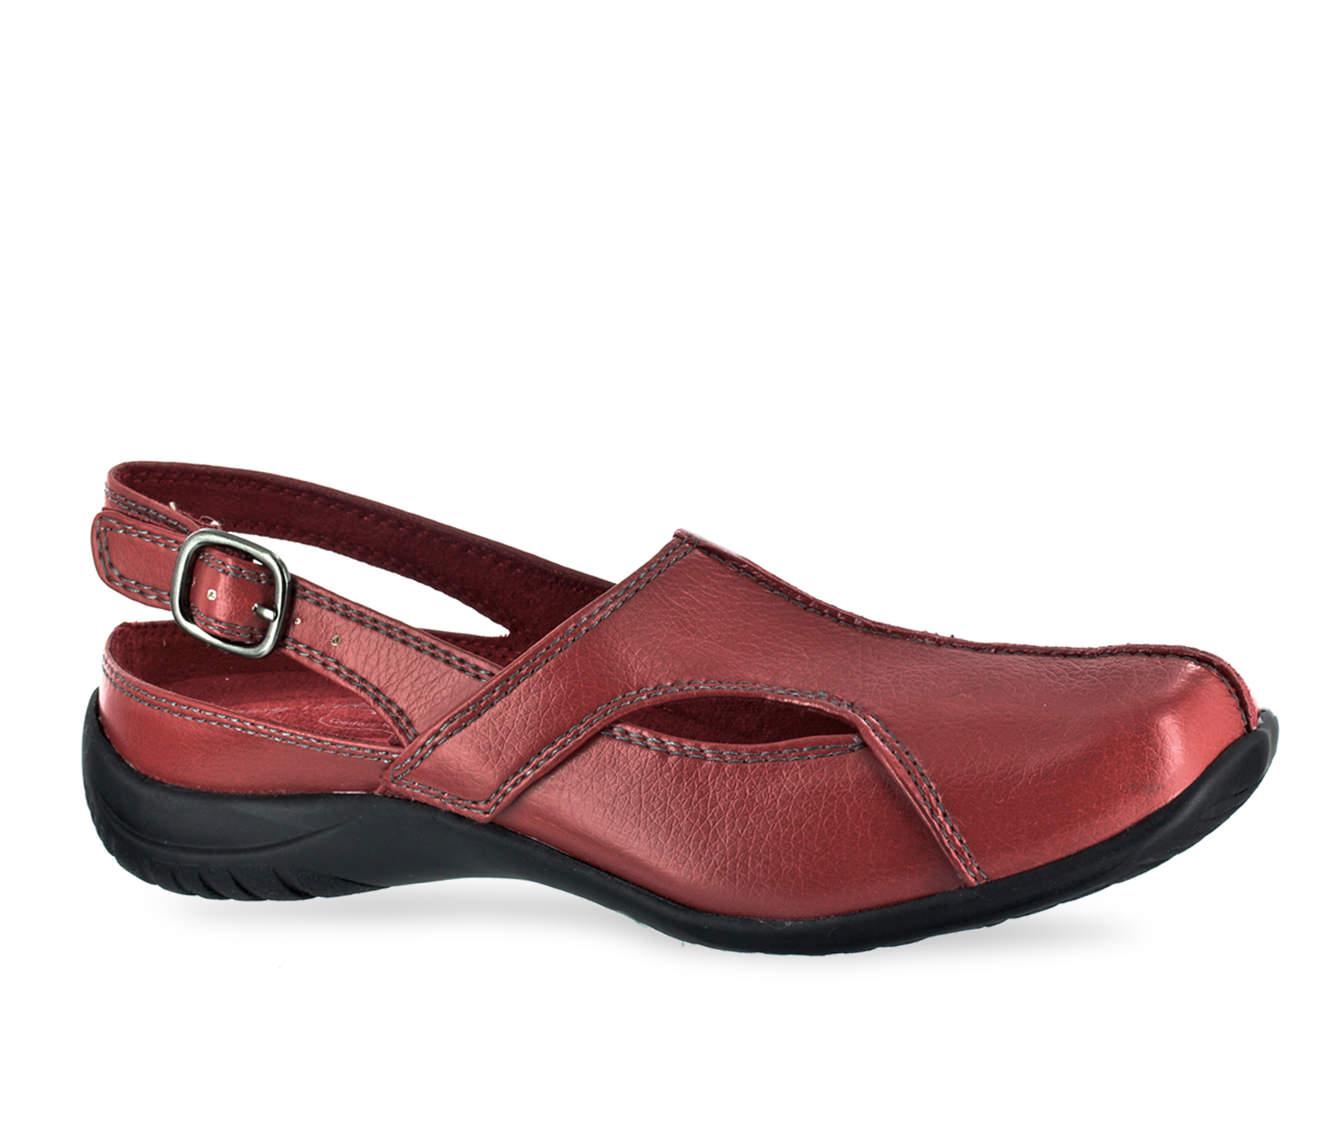 Easy Street Sportser Women's Shoe (Red Faux Leather)